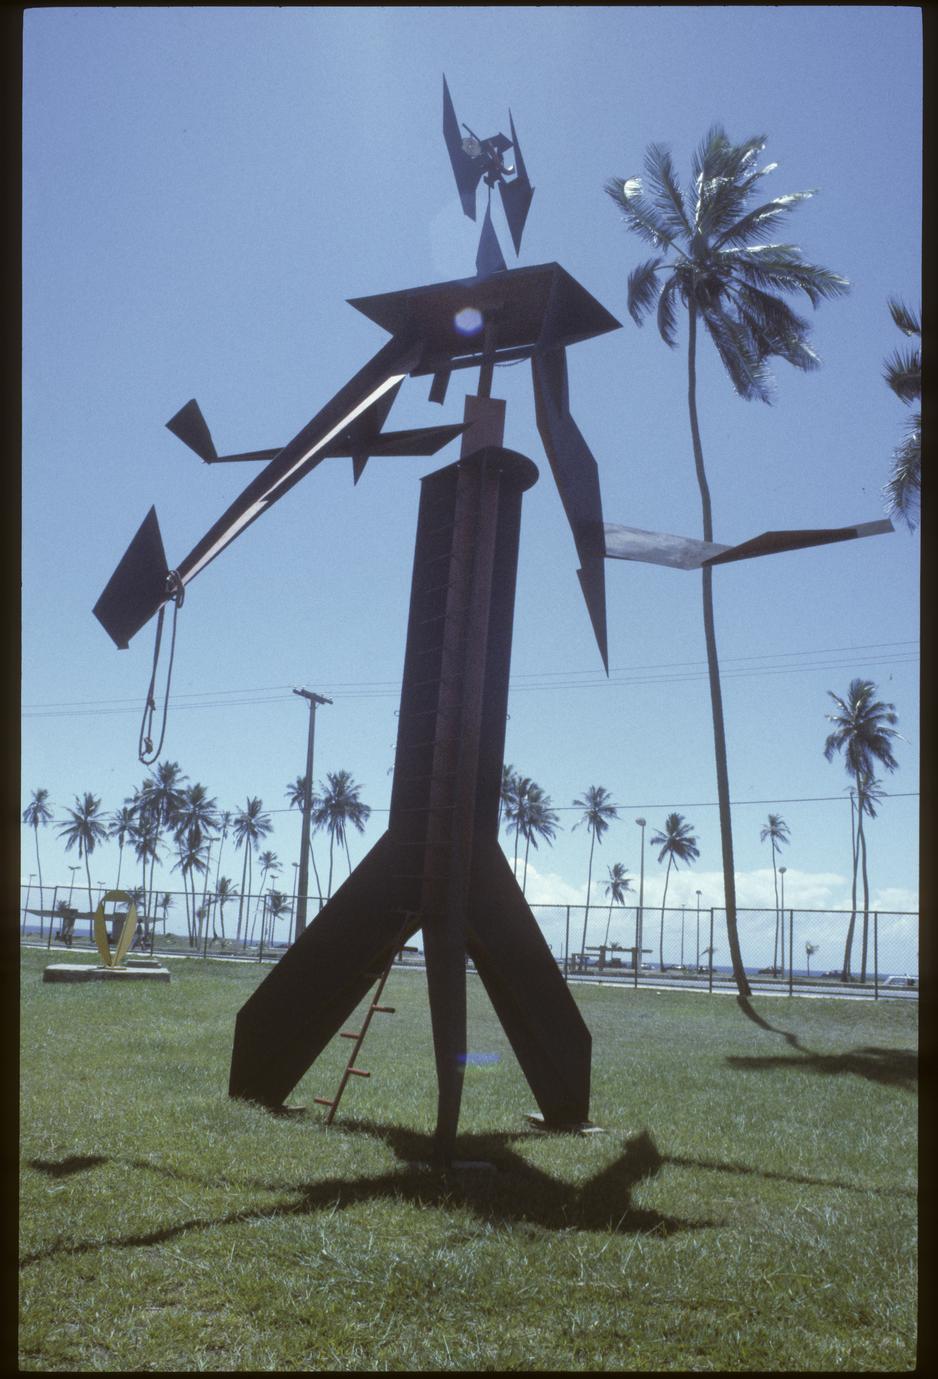 """Sculpture by Mario Cravo at """"Espaço Cravo"""" (Cravo Space)"""